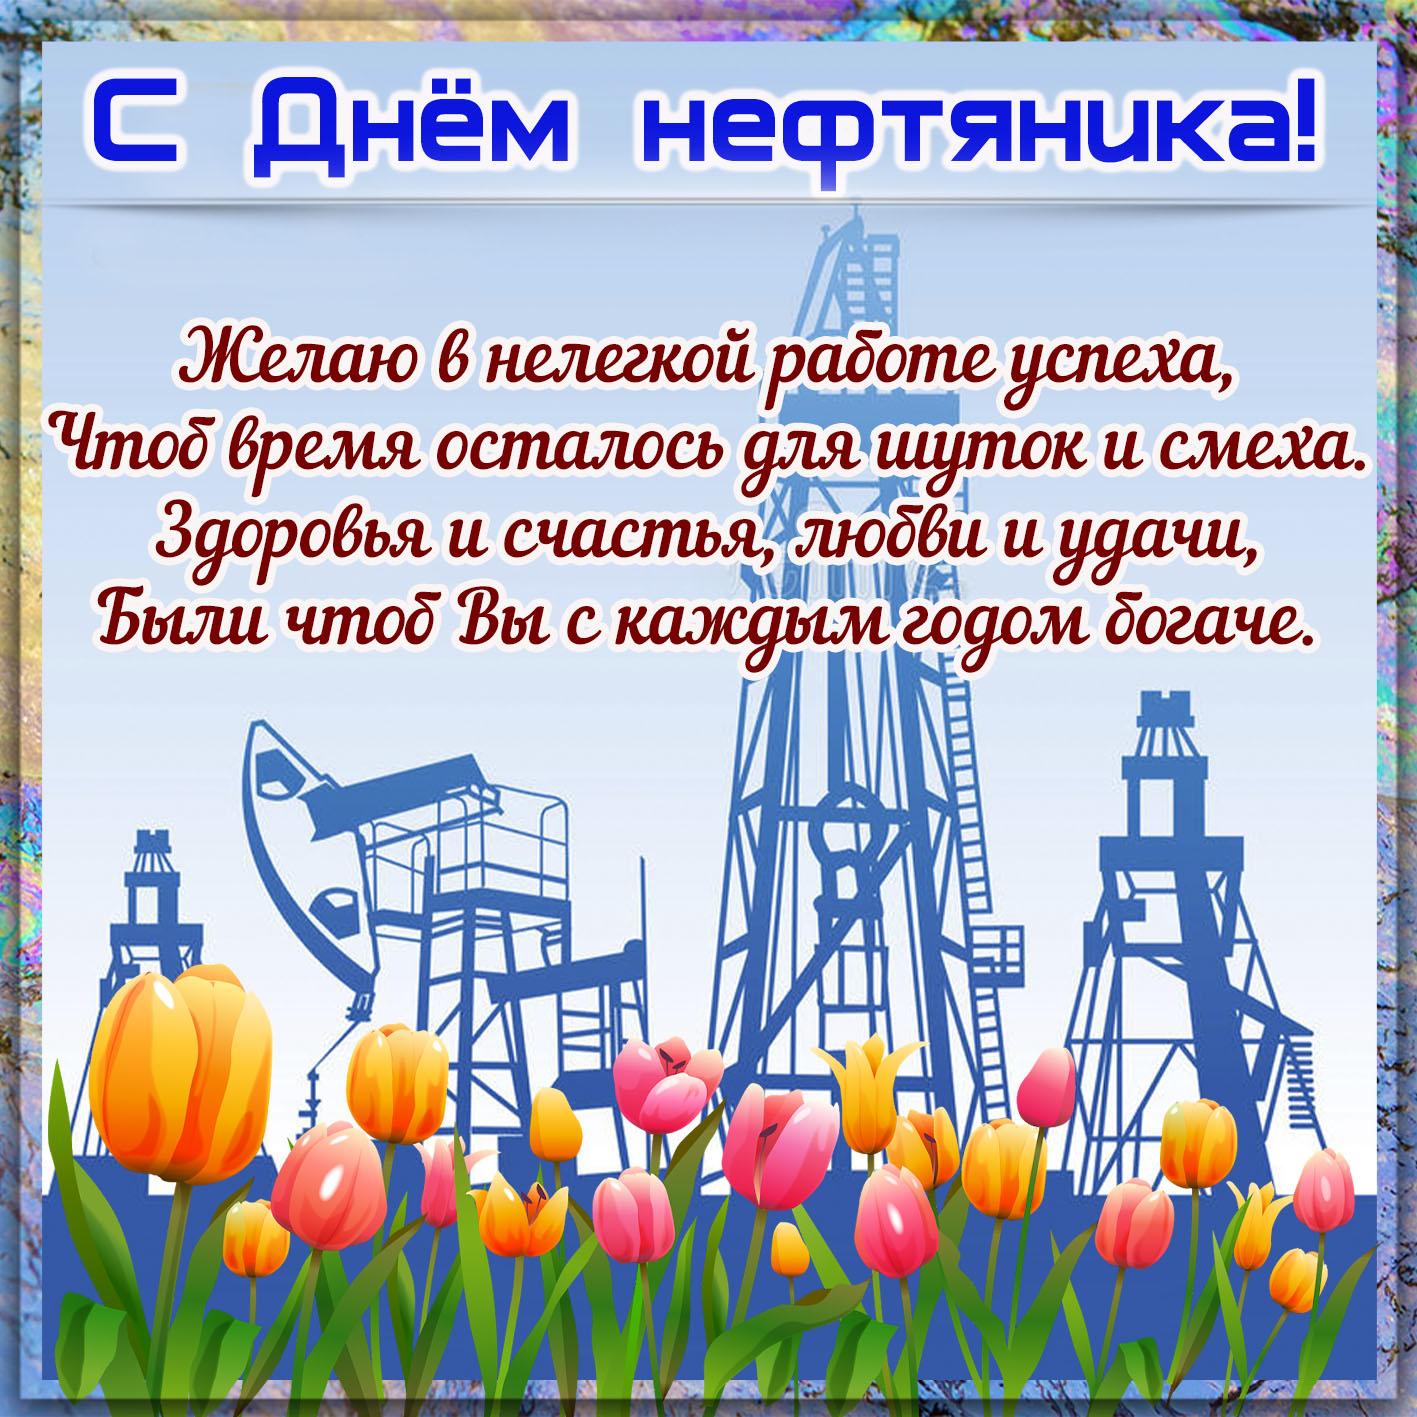 стих поздравления ко дню нефтяника прозрачных